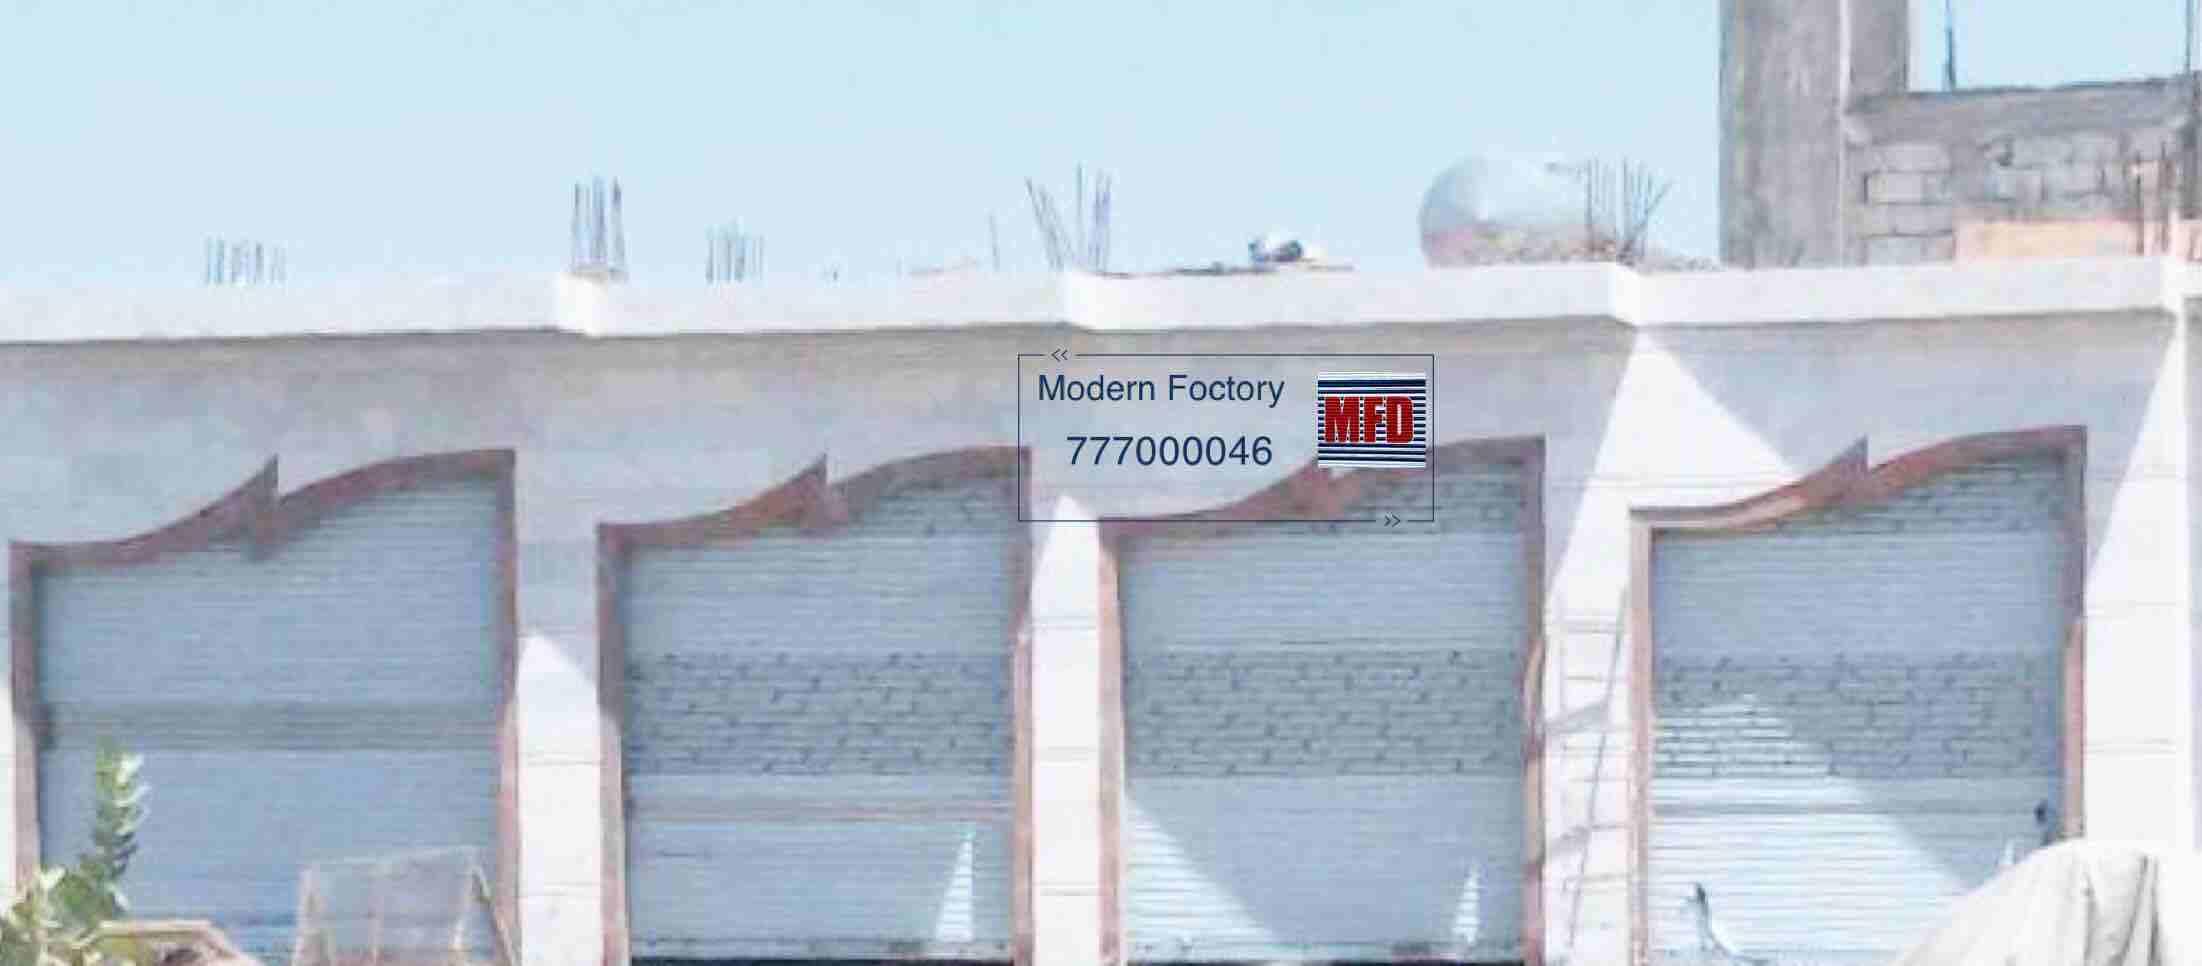 ابواب سحاب المصنع الحديث